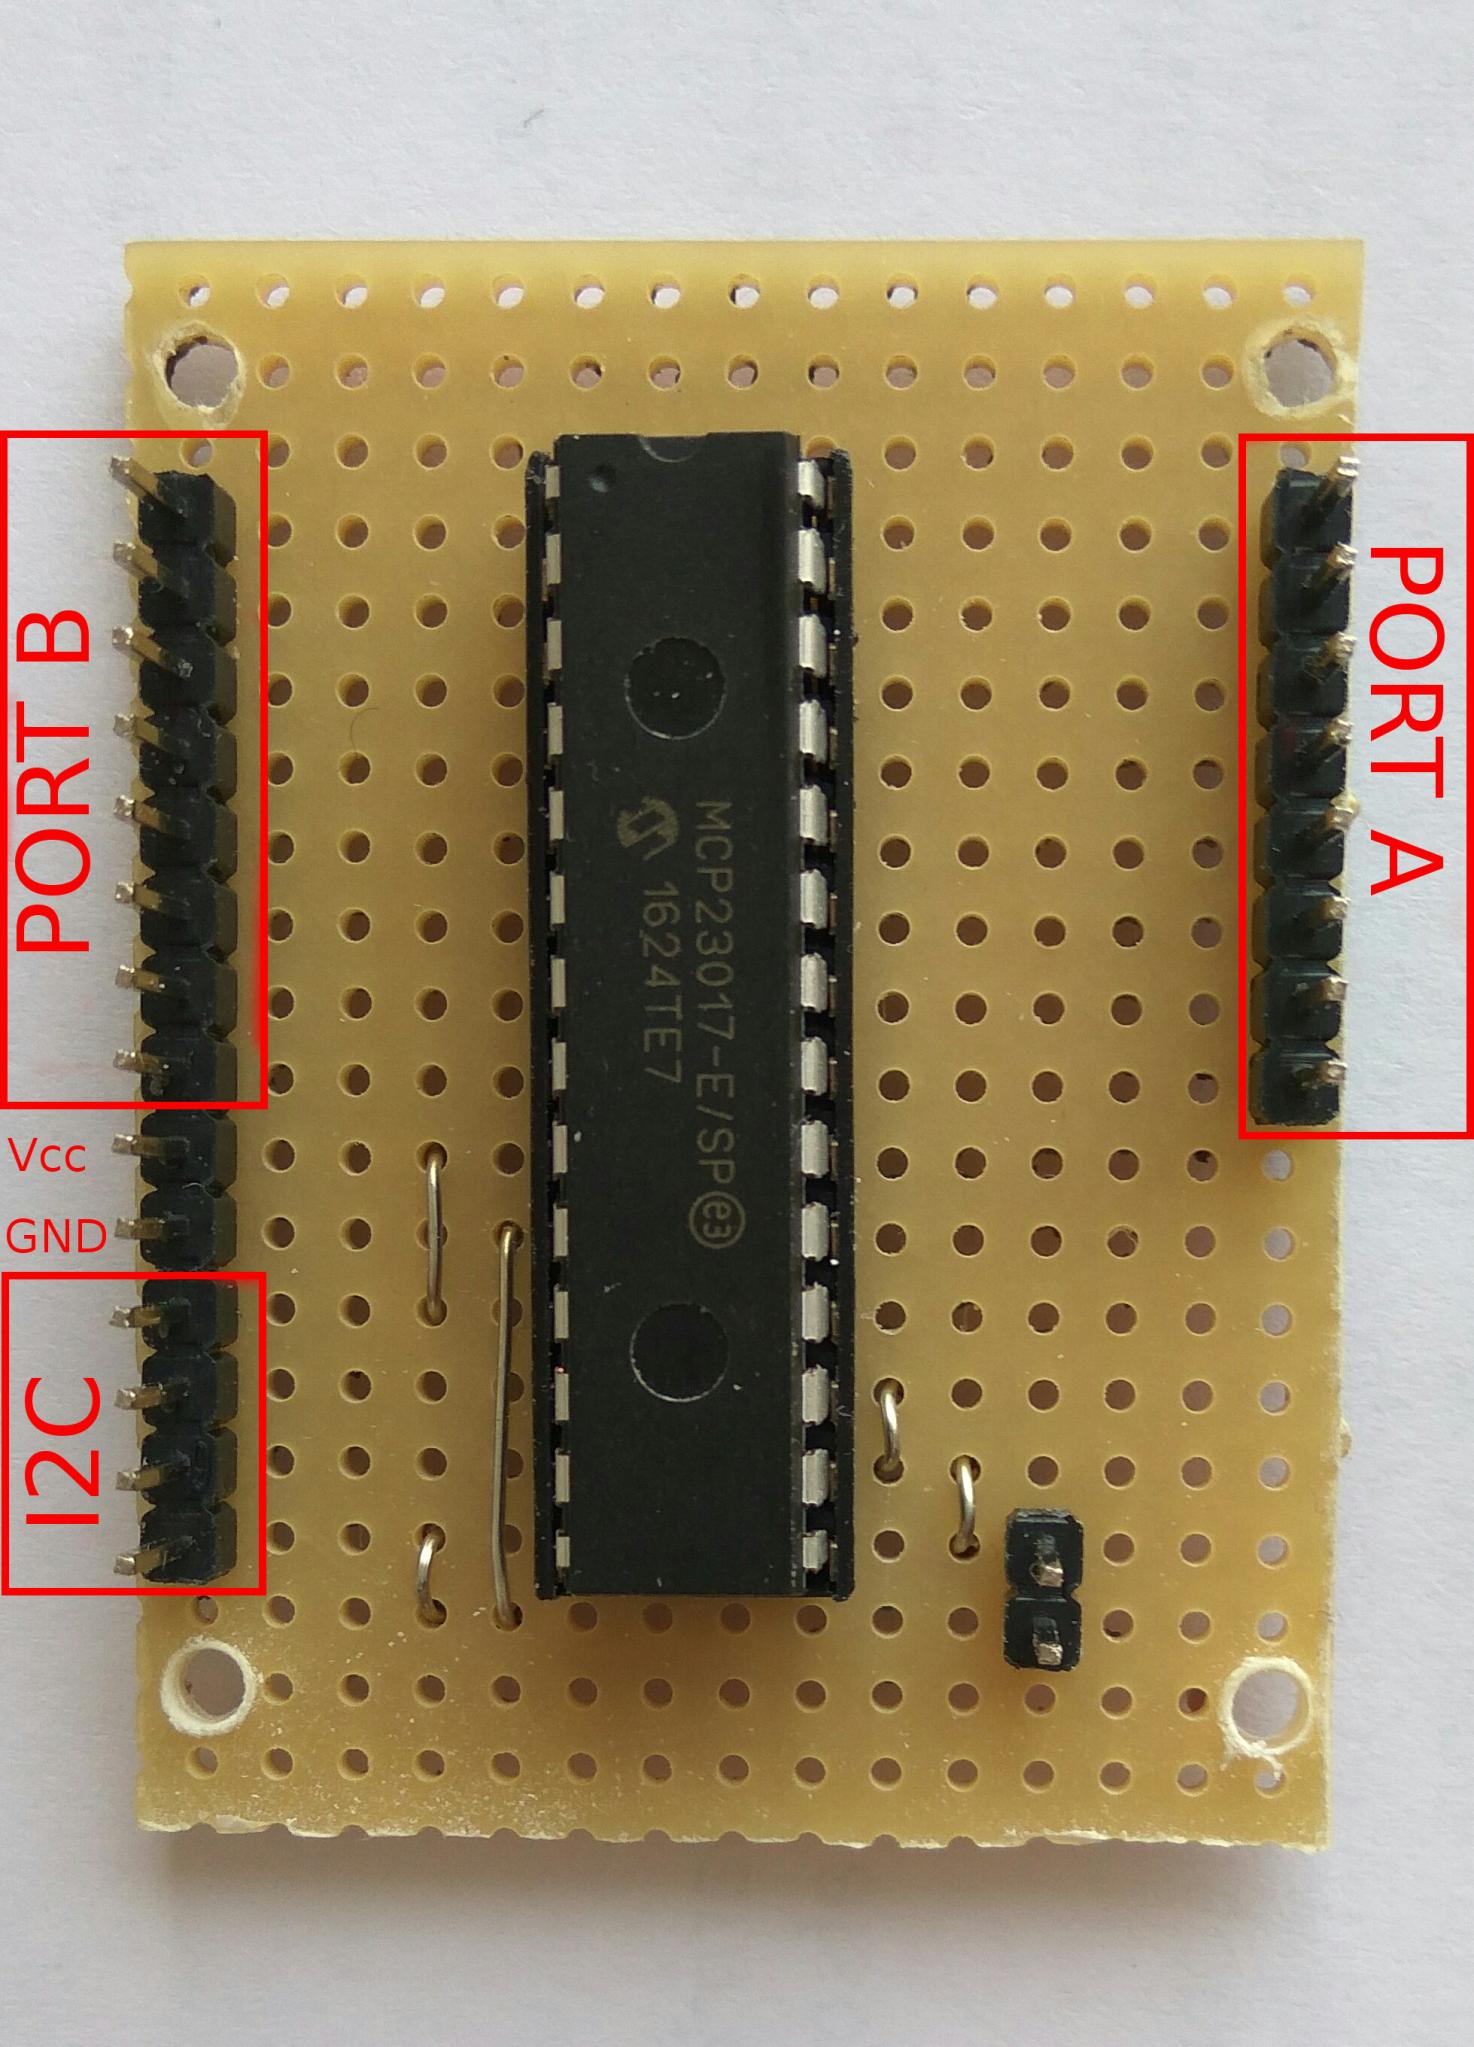 Adding an MCP23017 16 port IO expander to Arduino or Esp8266